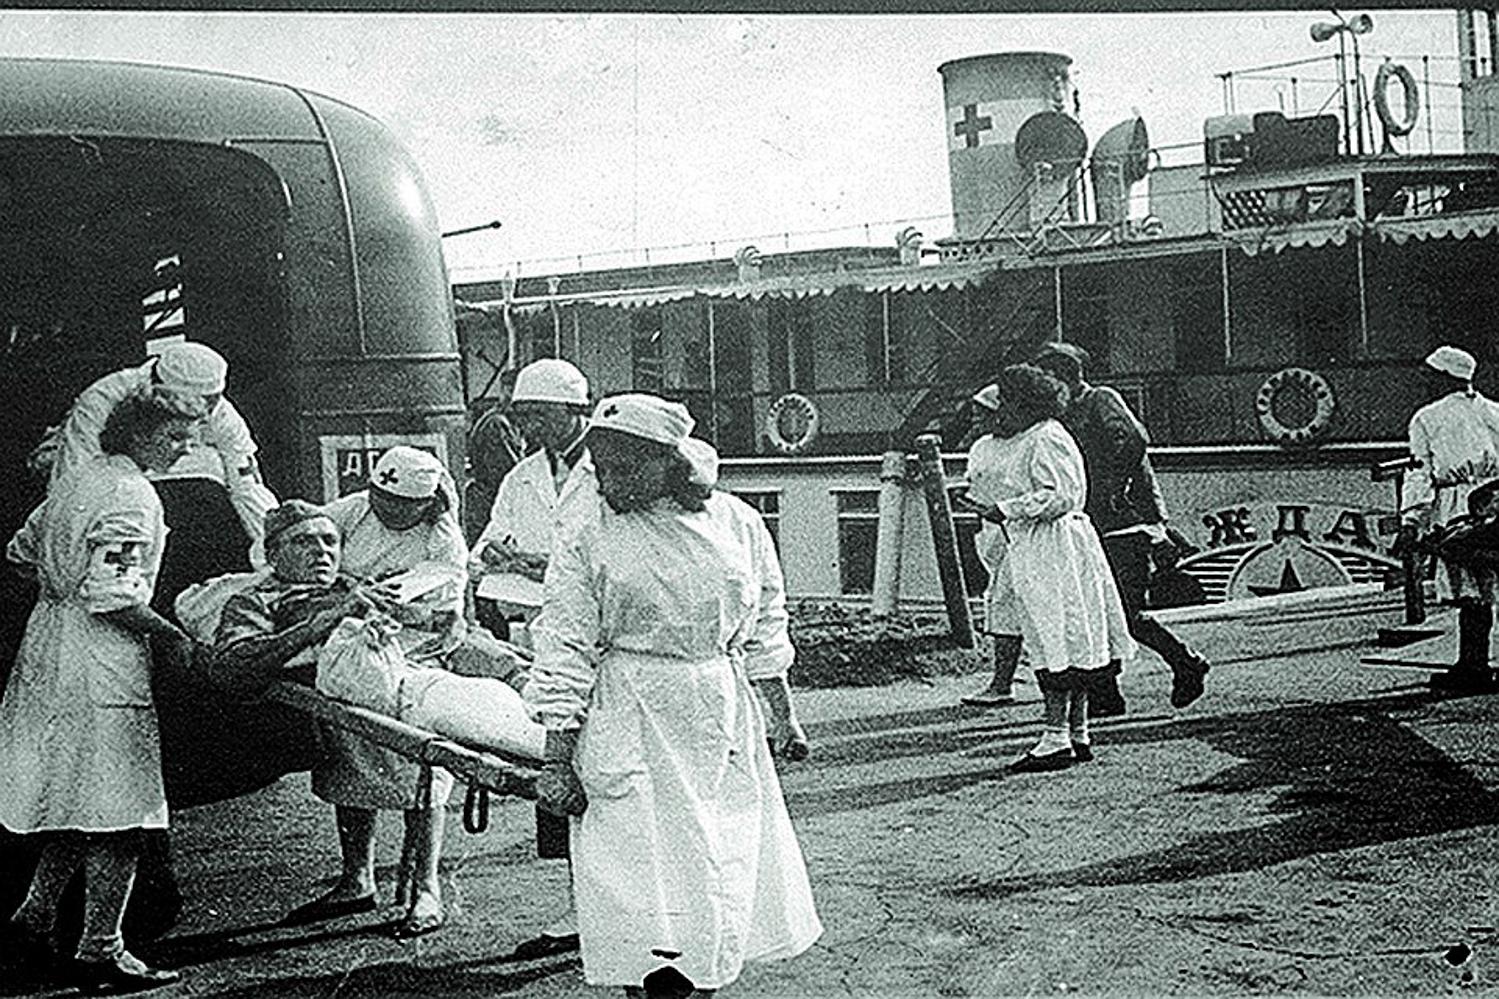 саратов эвакуация 1942 год